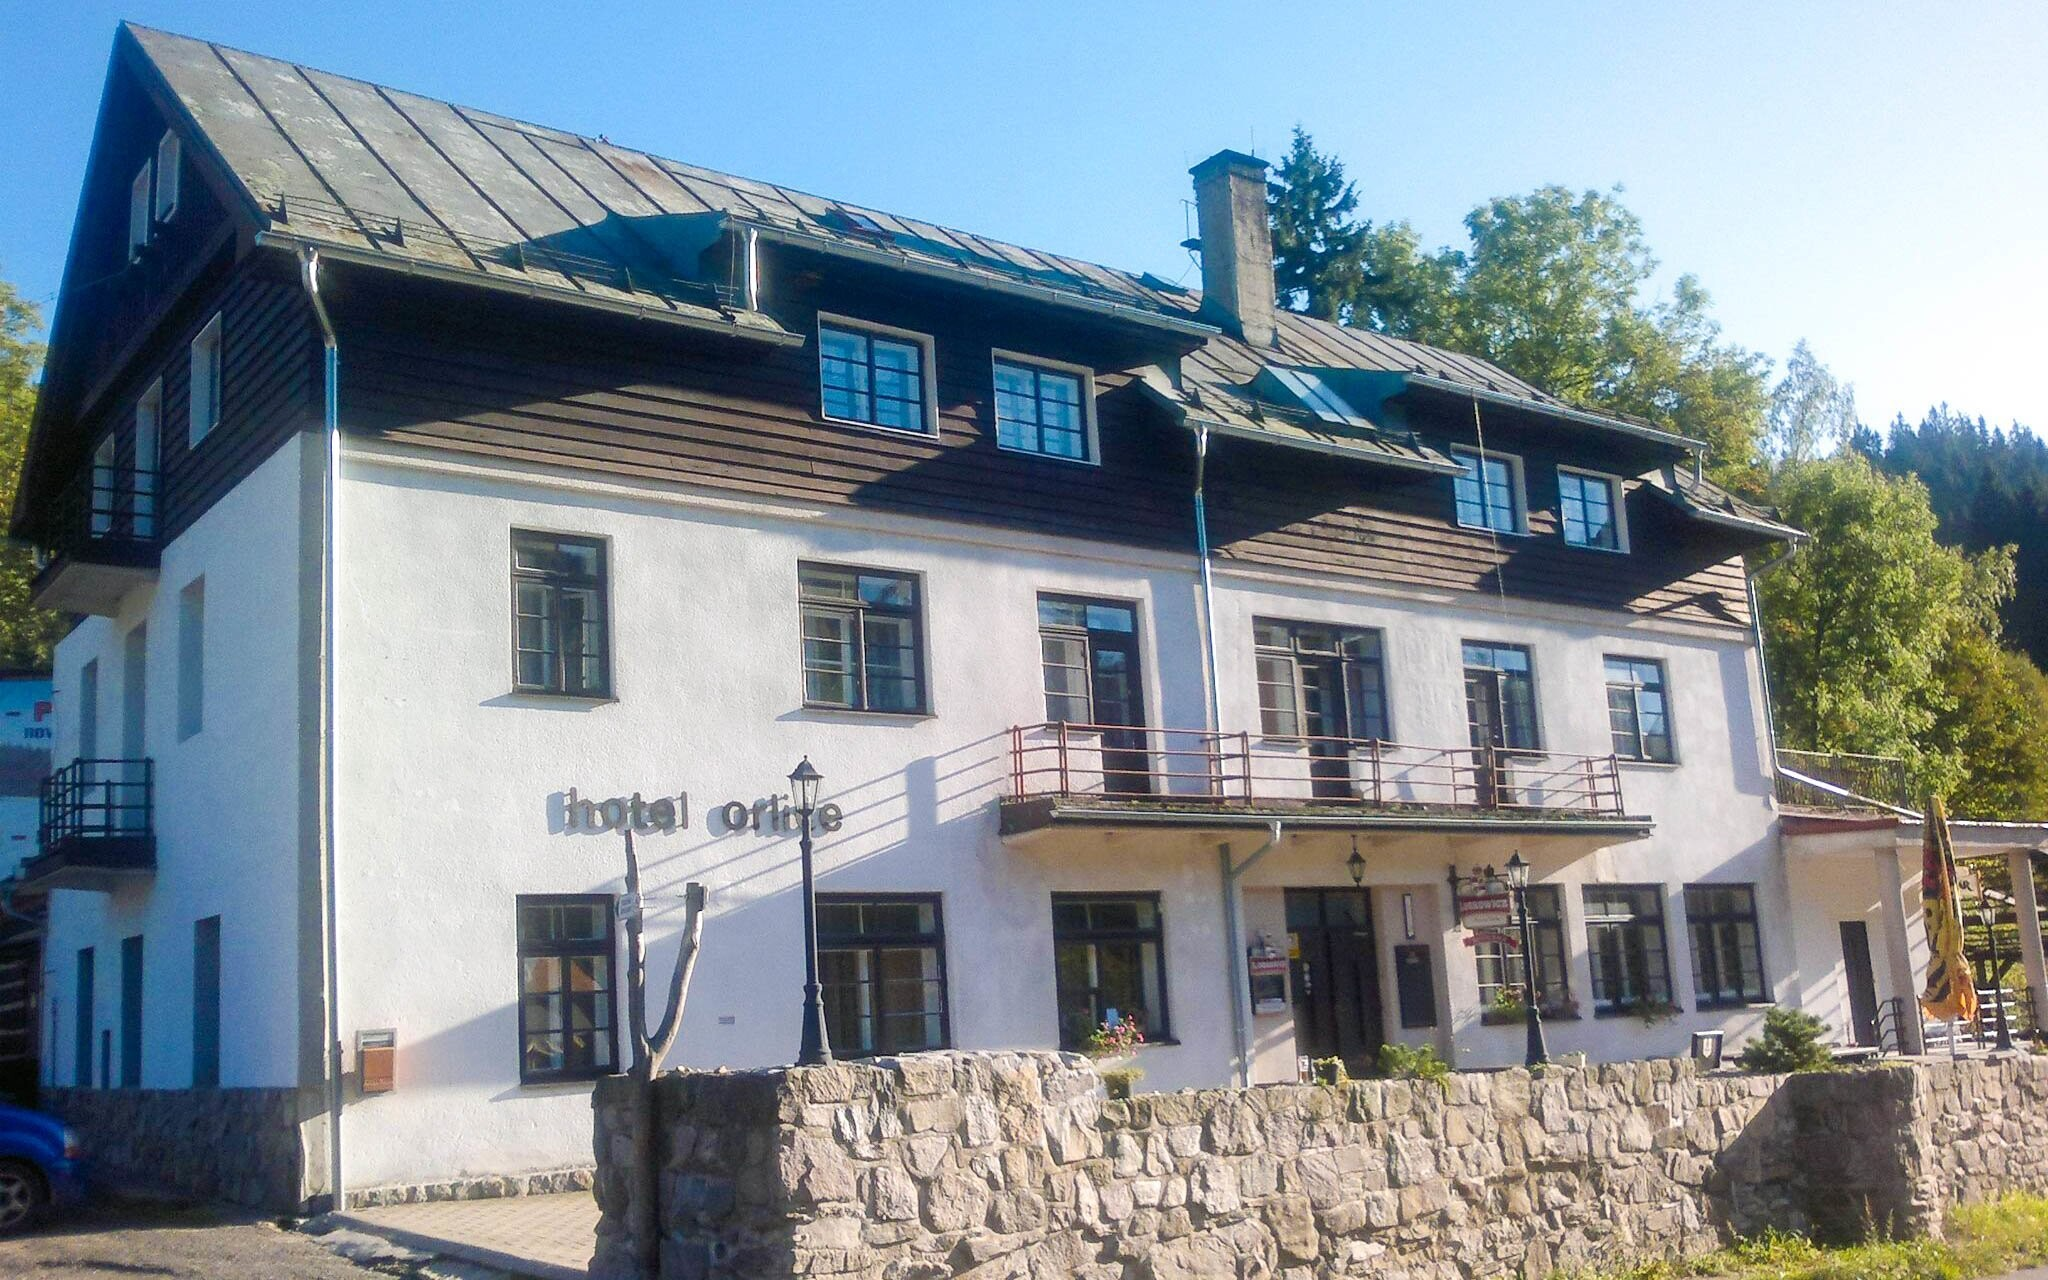 Ubytovanie v chate Orlice v Deštné v Orlických horách